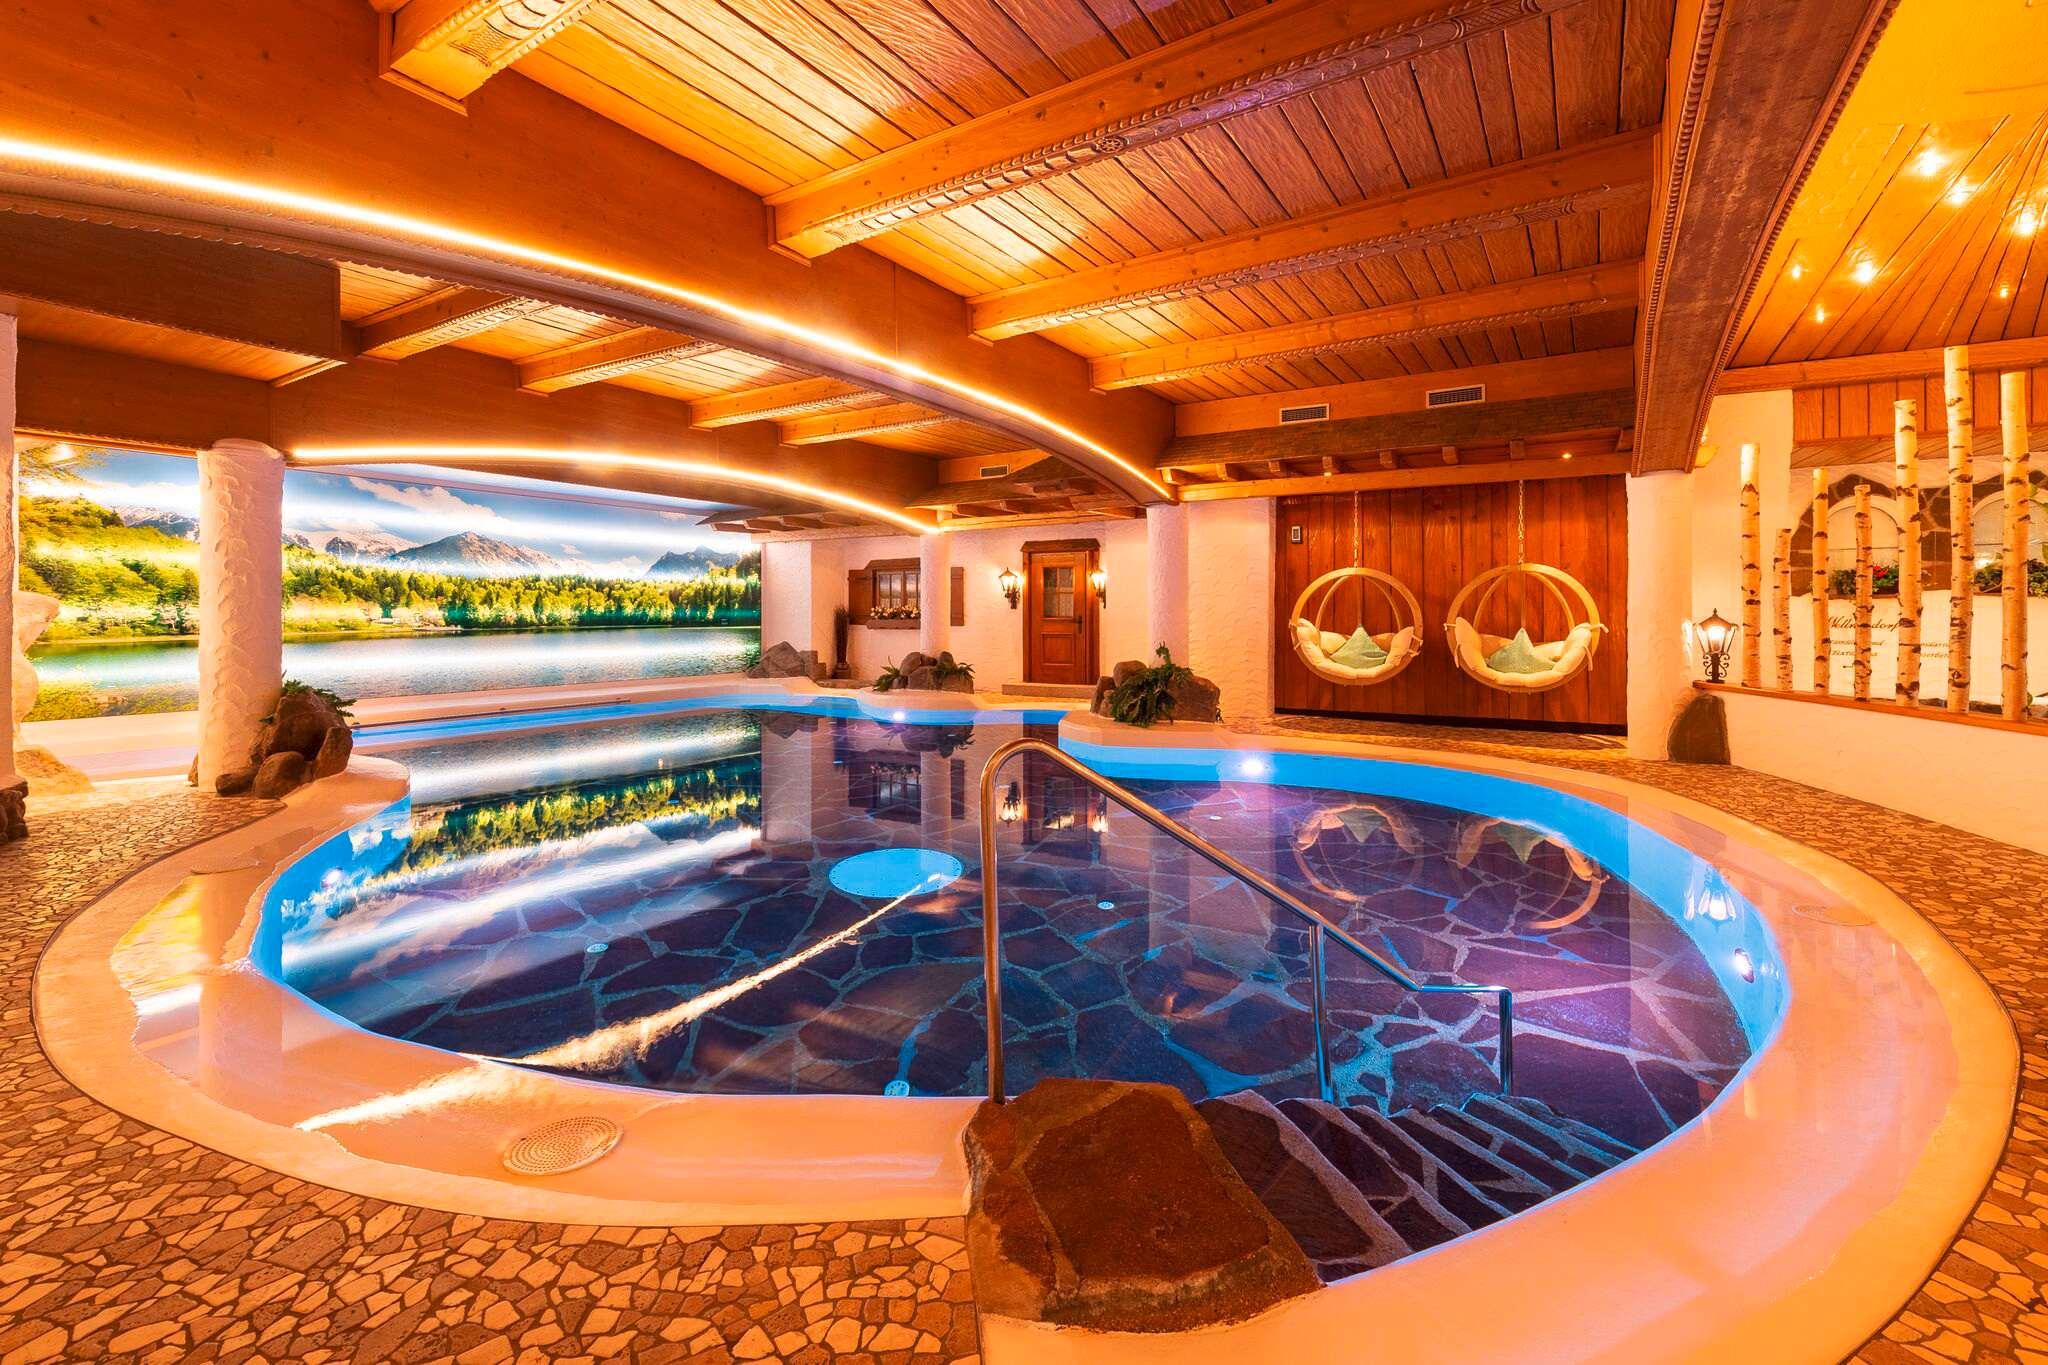 Das Hallenbad mit rundem Pool und hölzernen Decken.